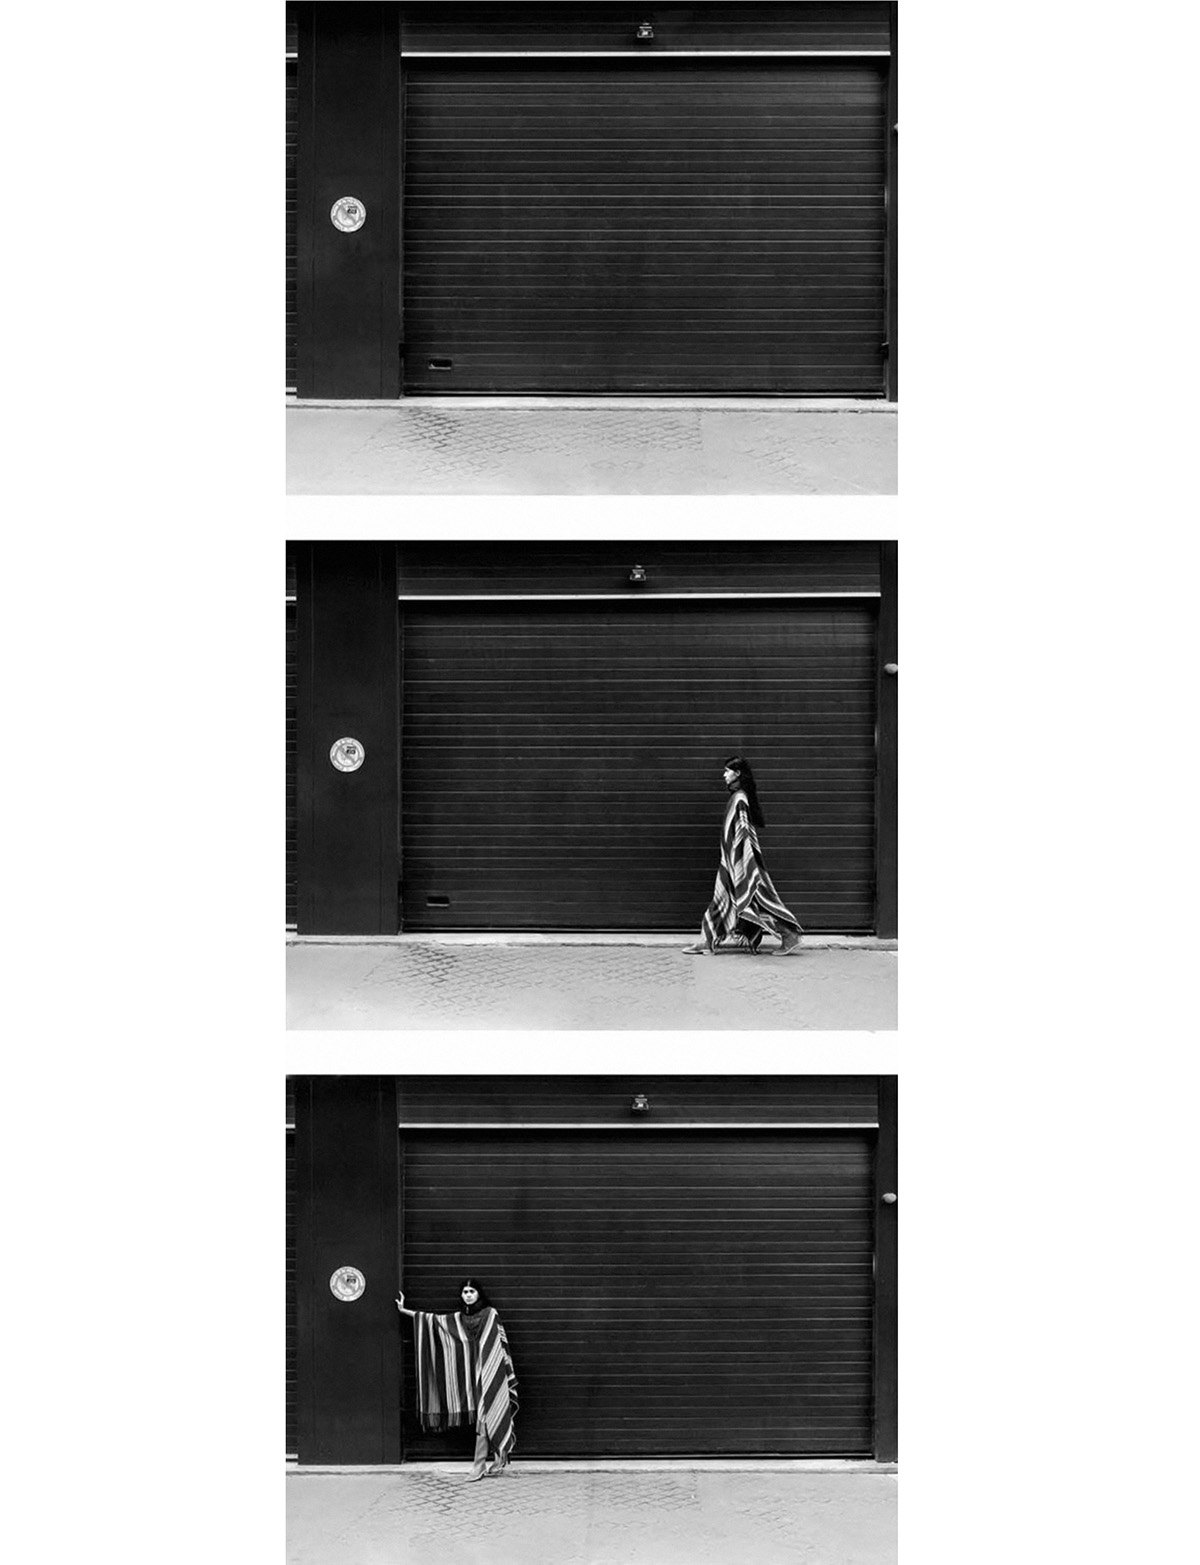 Ashley Radjarame by Fabien Vilrus for Vogue India September 2021